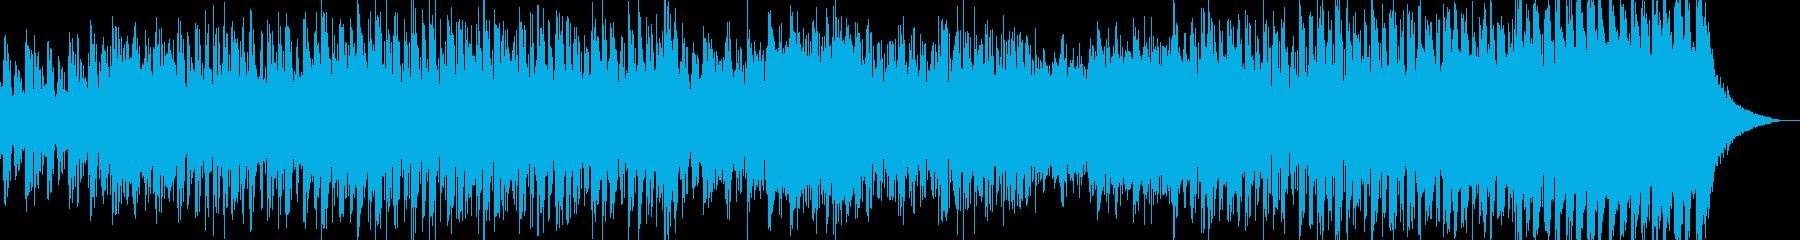 青と緑の夏景色をイメージしたヒーリングの再生済みの波形